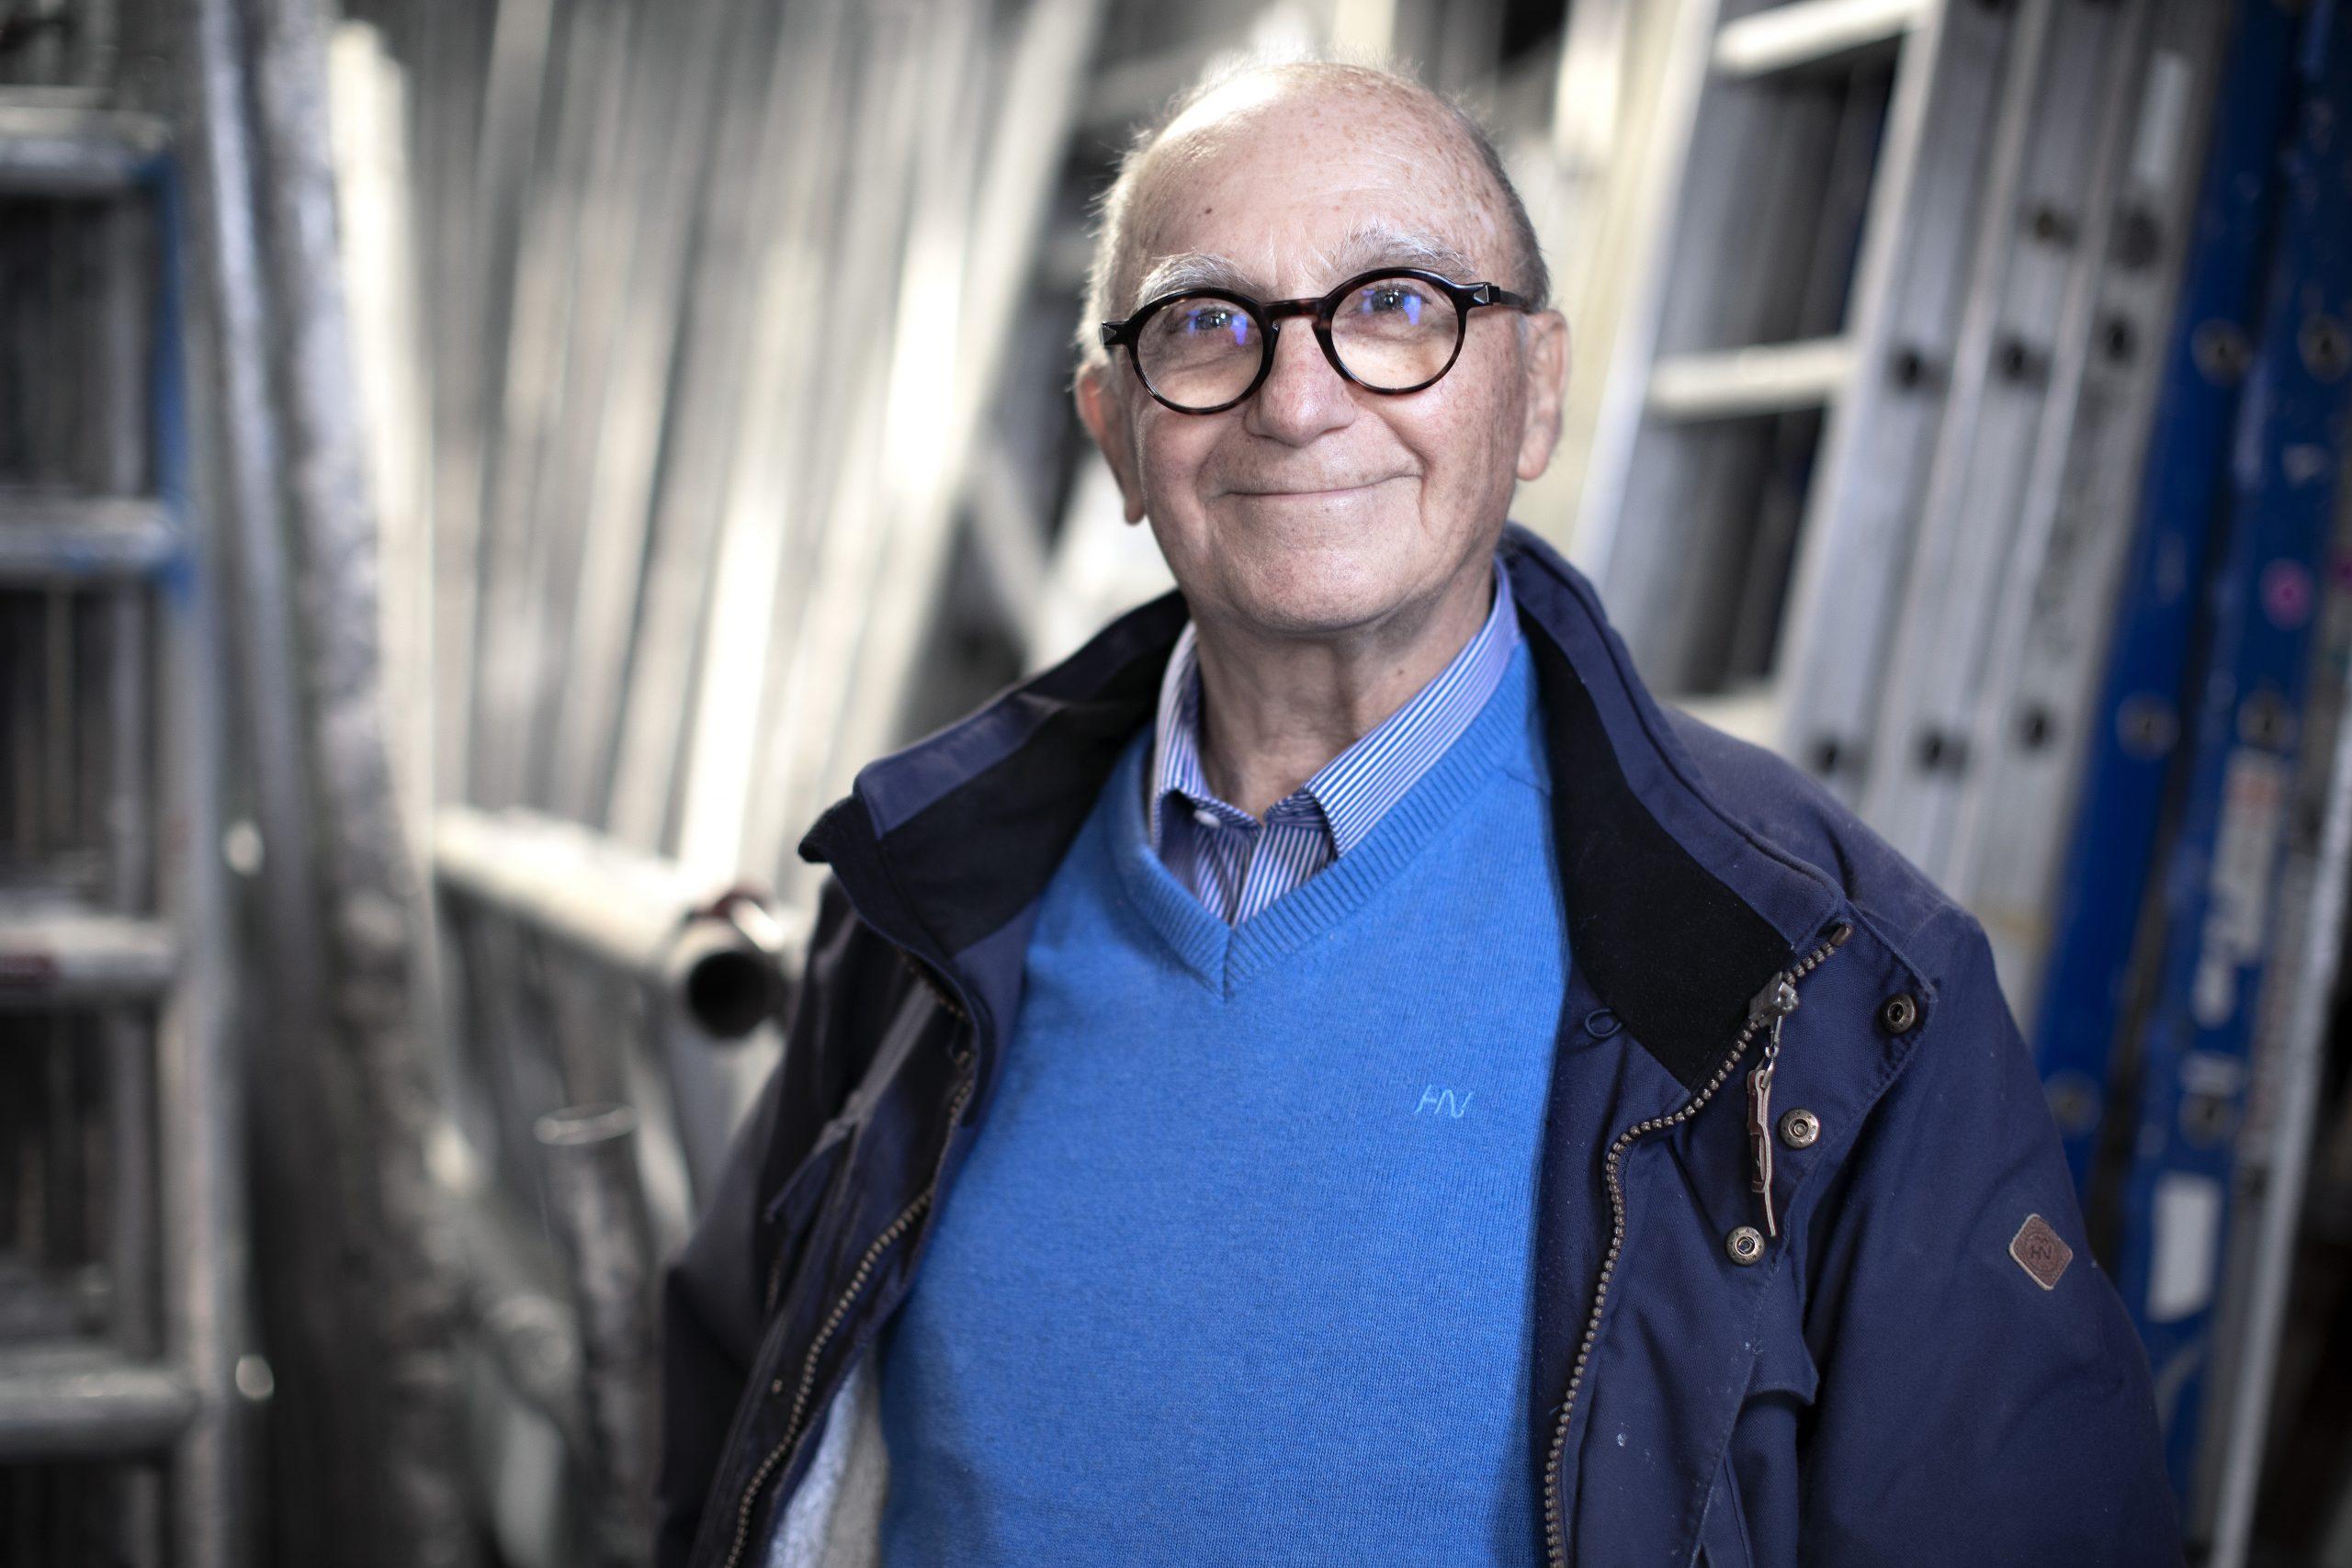 Peter Schefman